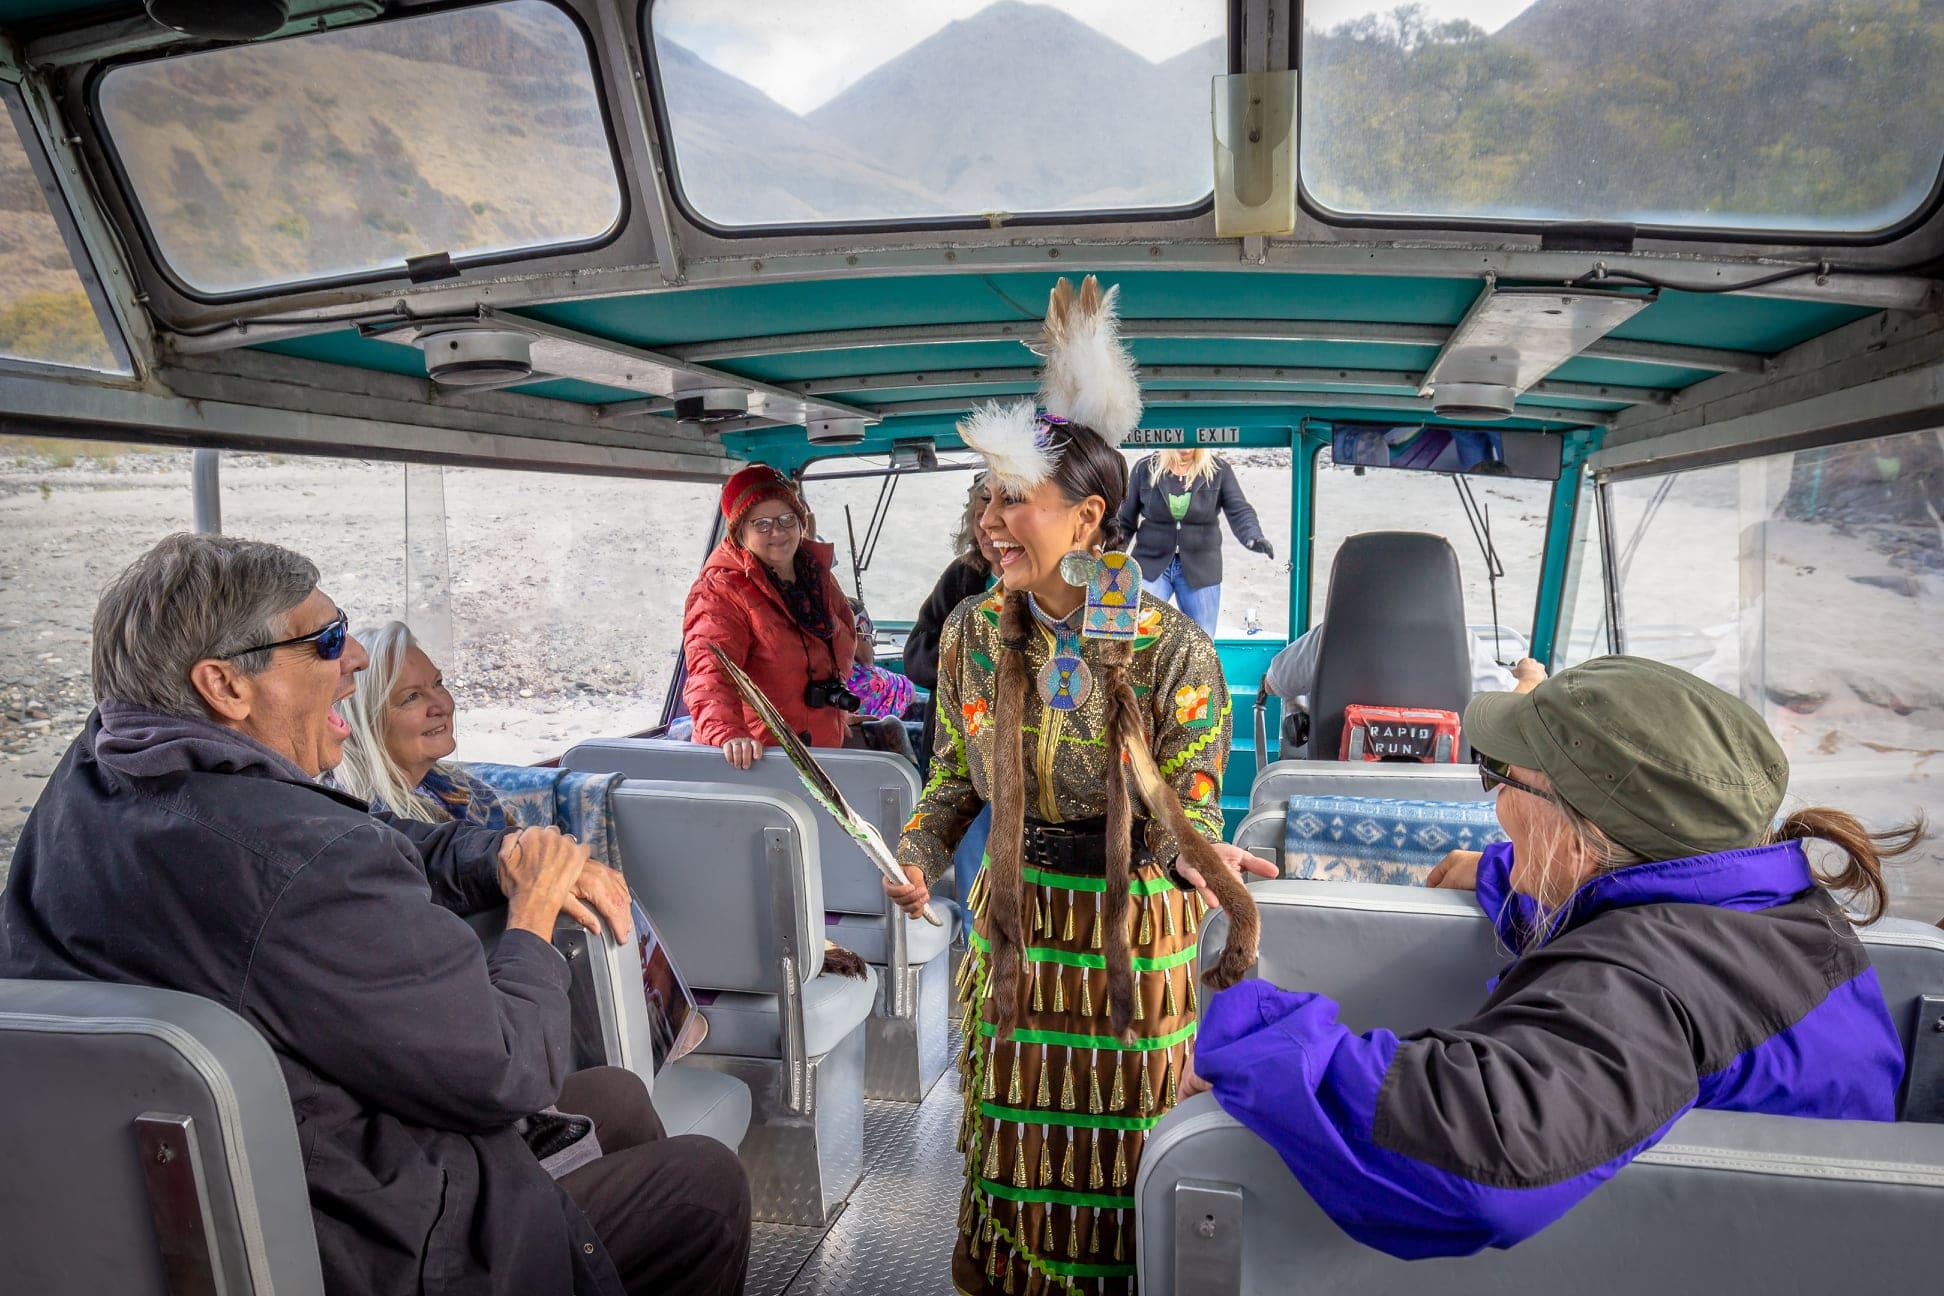 Nez Perce Tourism jet boat rides